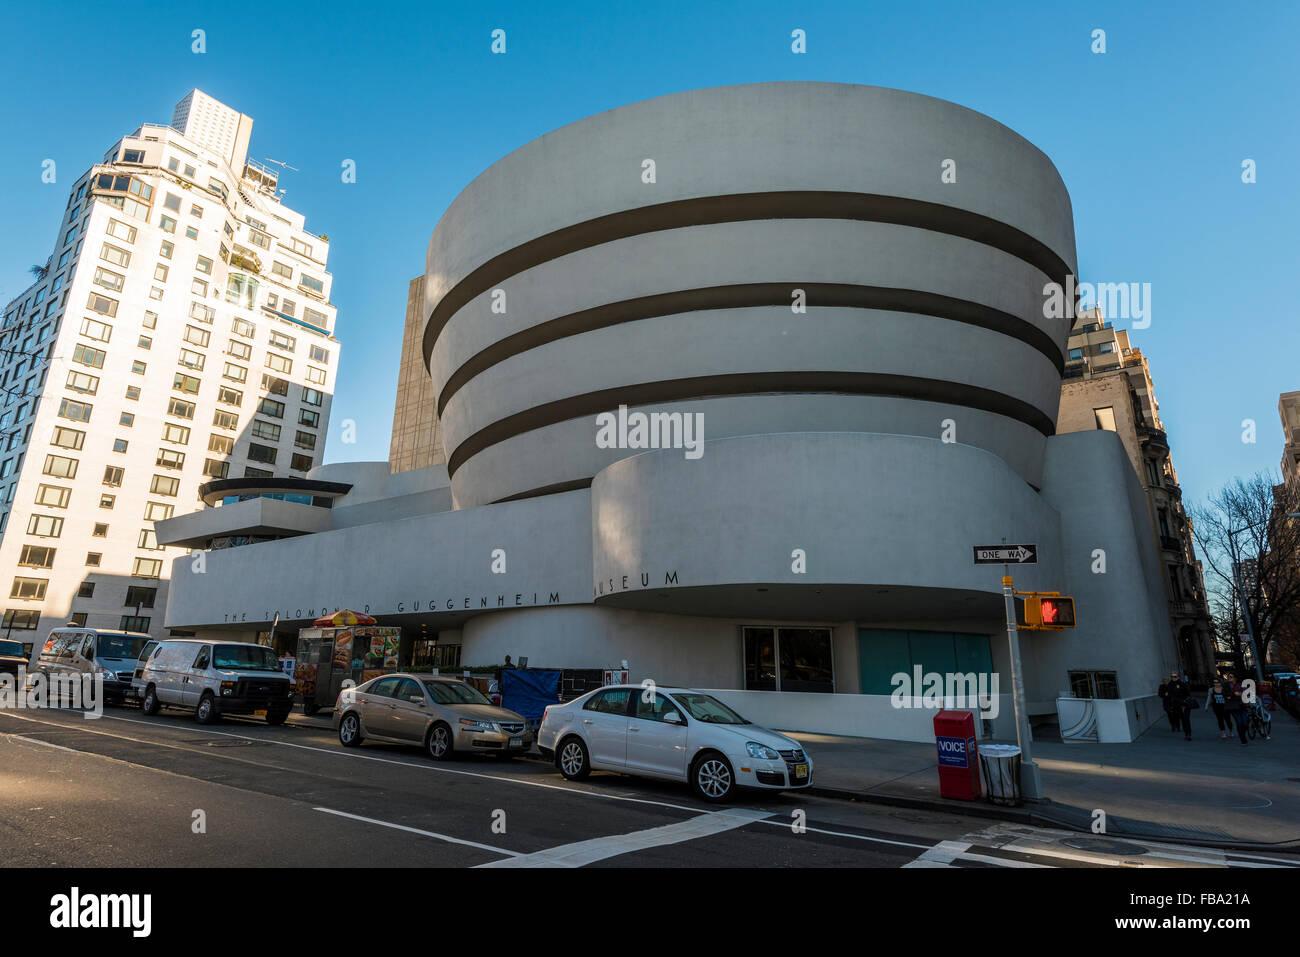 Solomon R. Guggenheim Museum, Manhattan, New York, USA - Stock Image